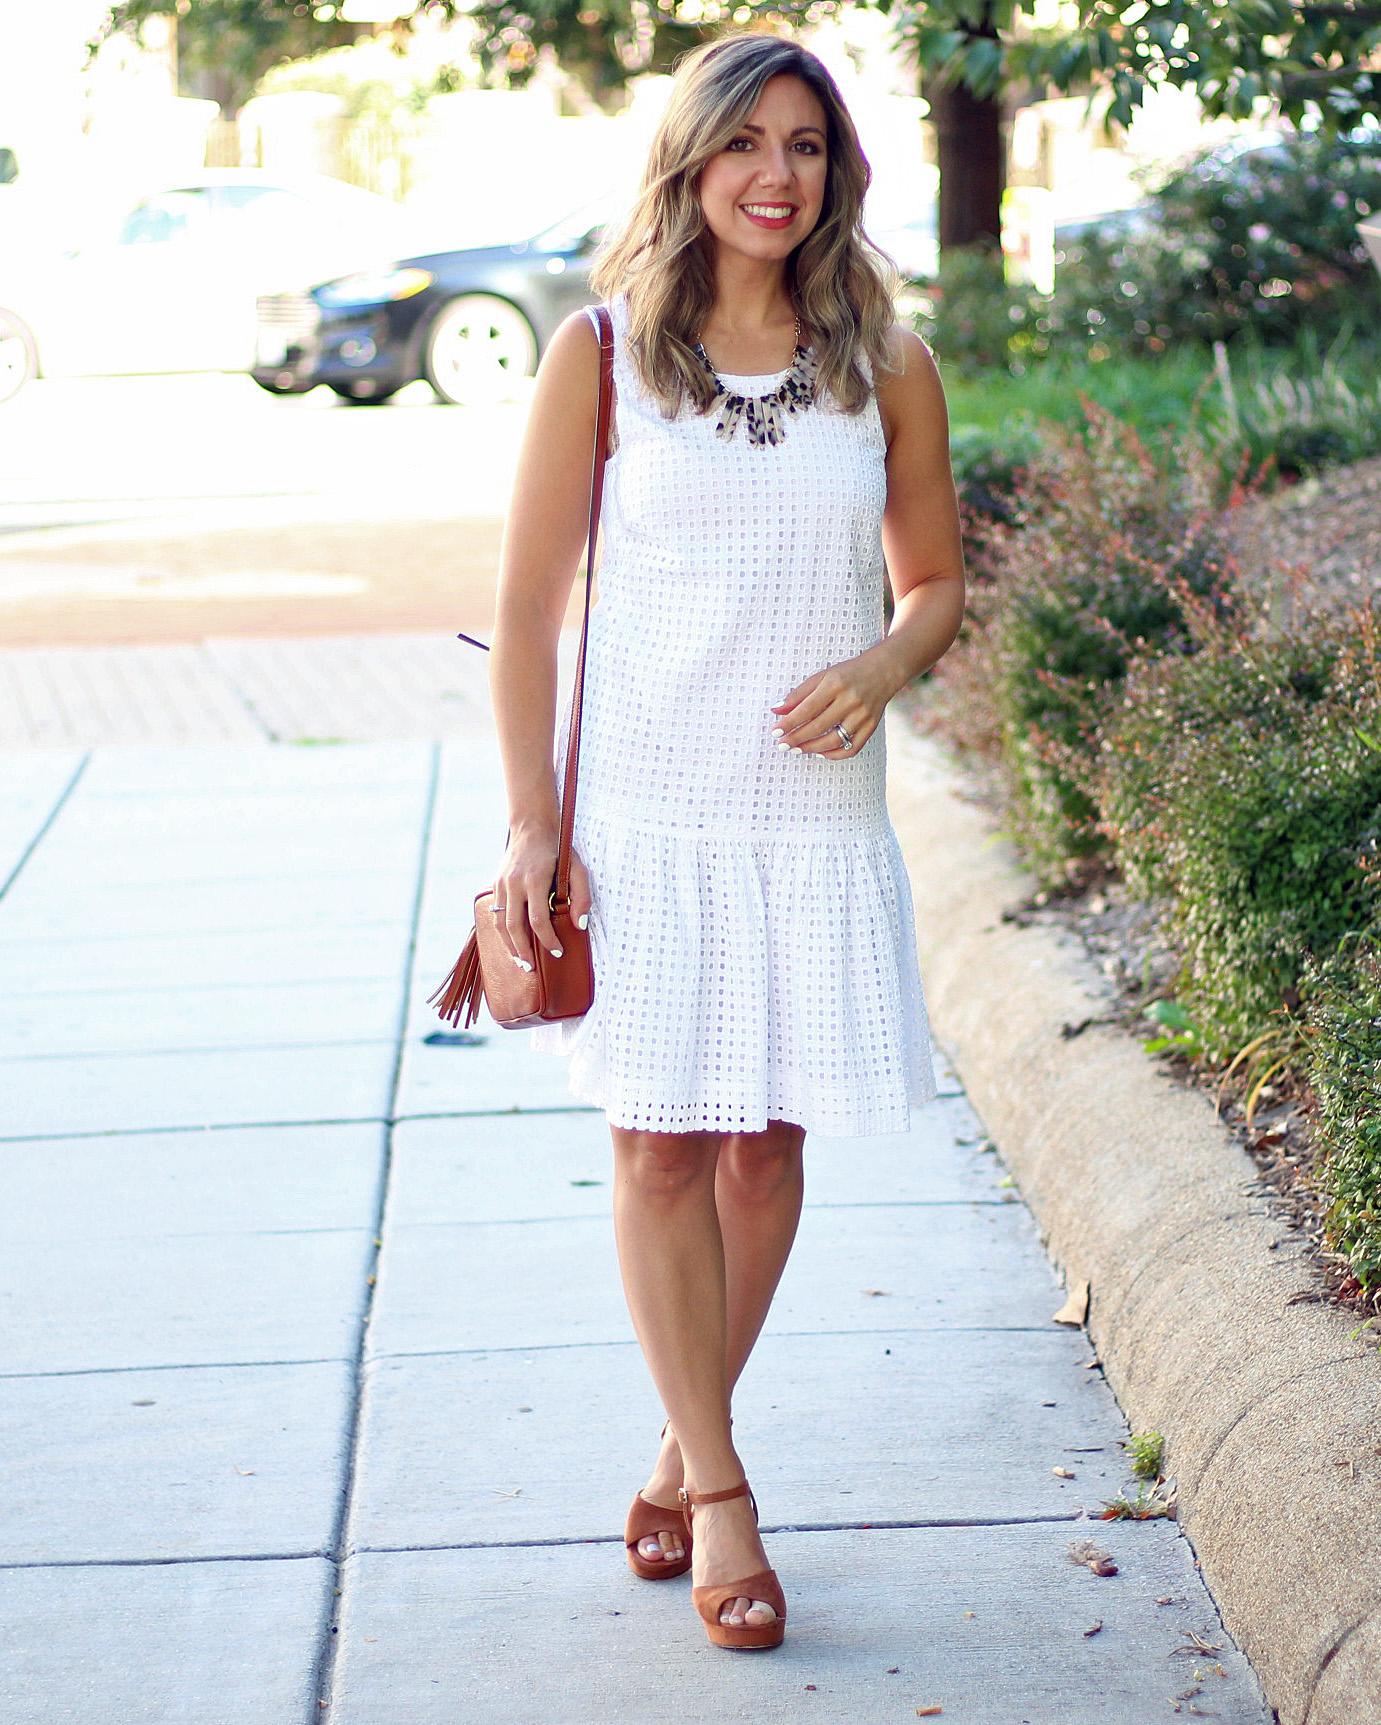 b1a0b99e22b60 Eyelet Little White Dress & Thursday Moda Link-Up! | Glass of Glam